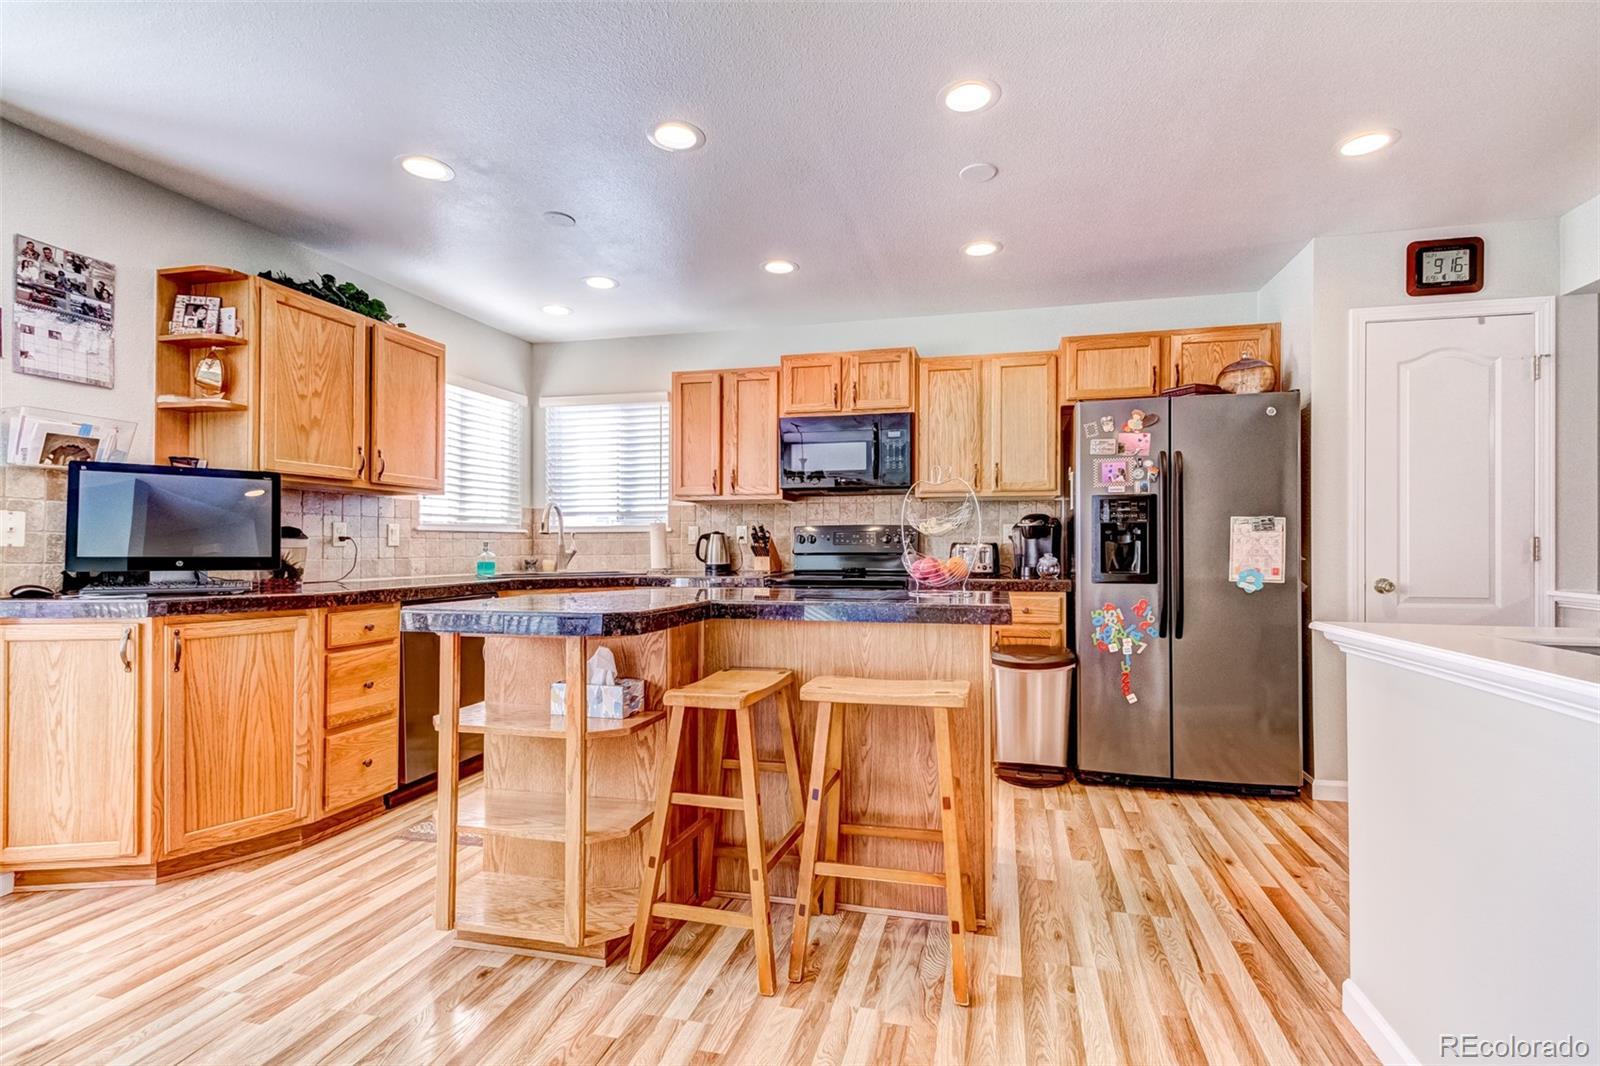 MLS# 8611656 - 6 - 6847 Lost Springs Drive, Colorado Springs, CO 80923